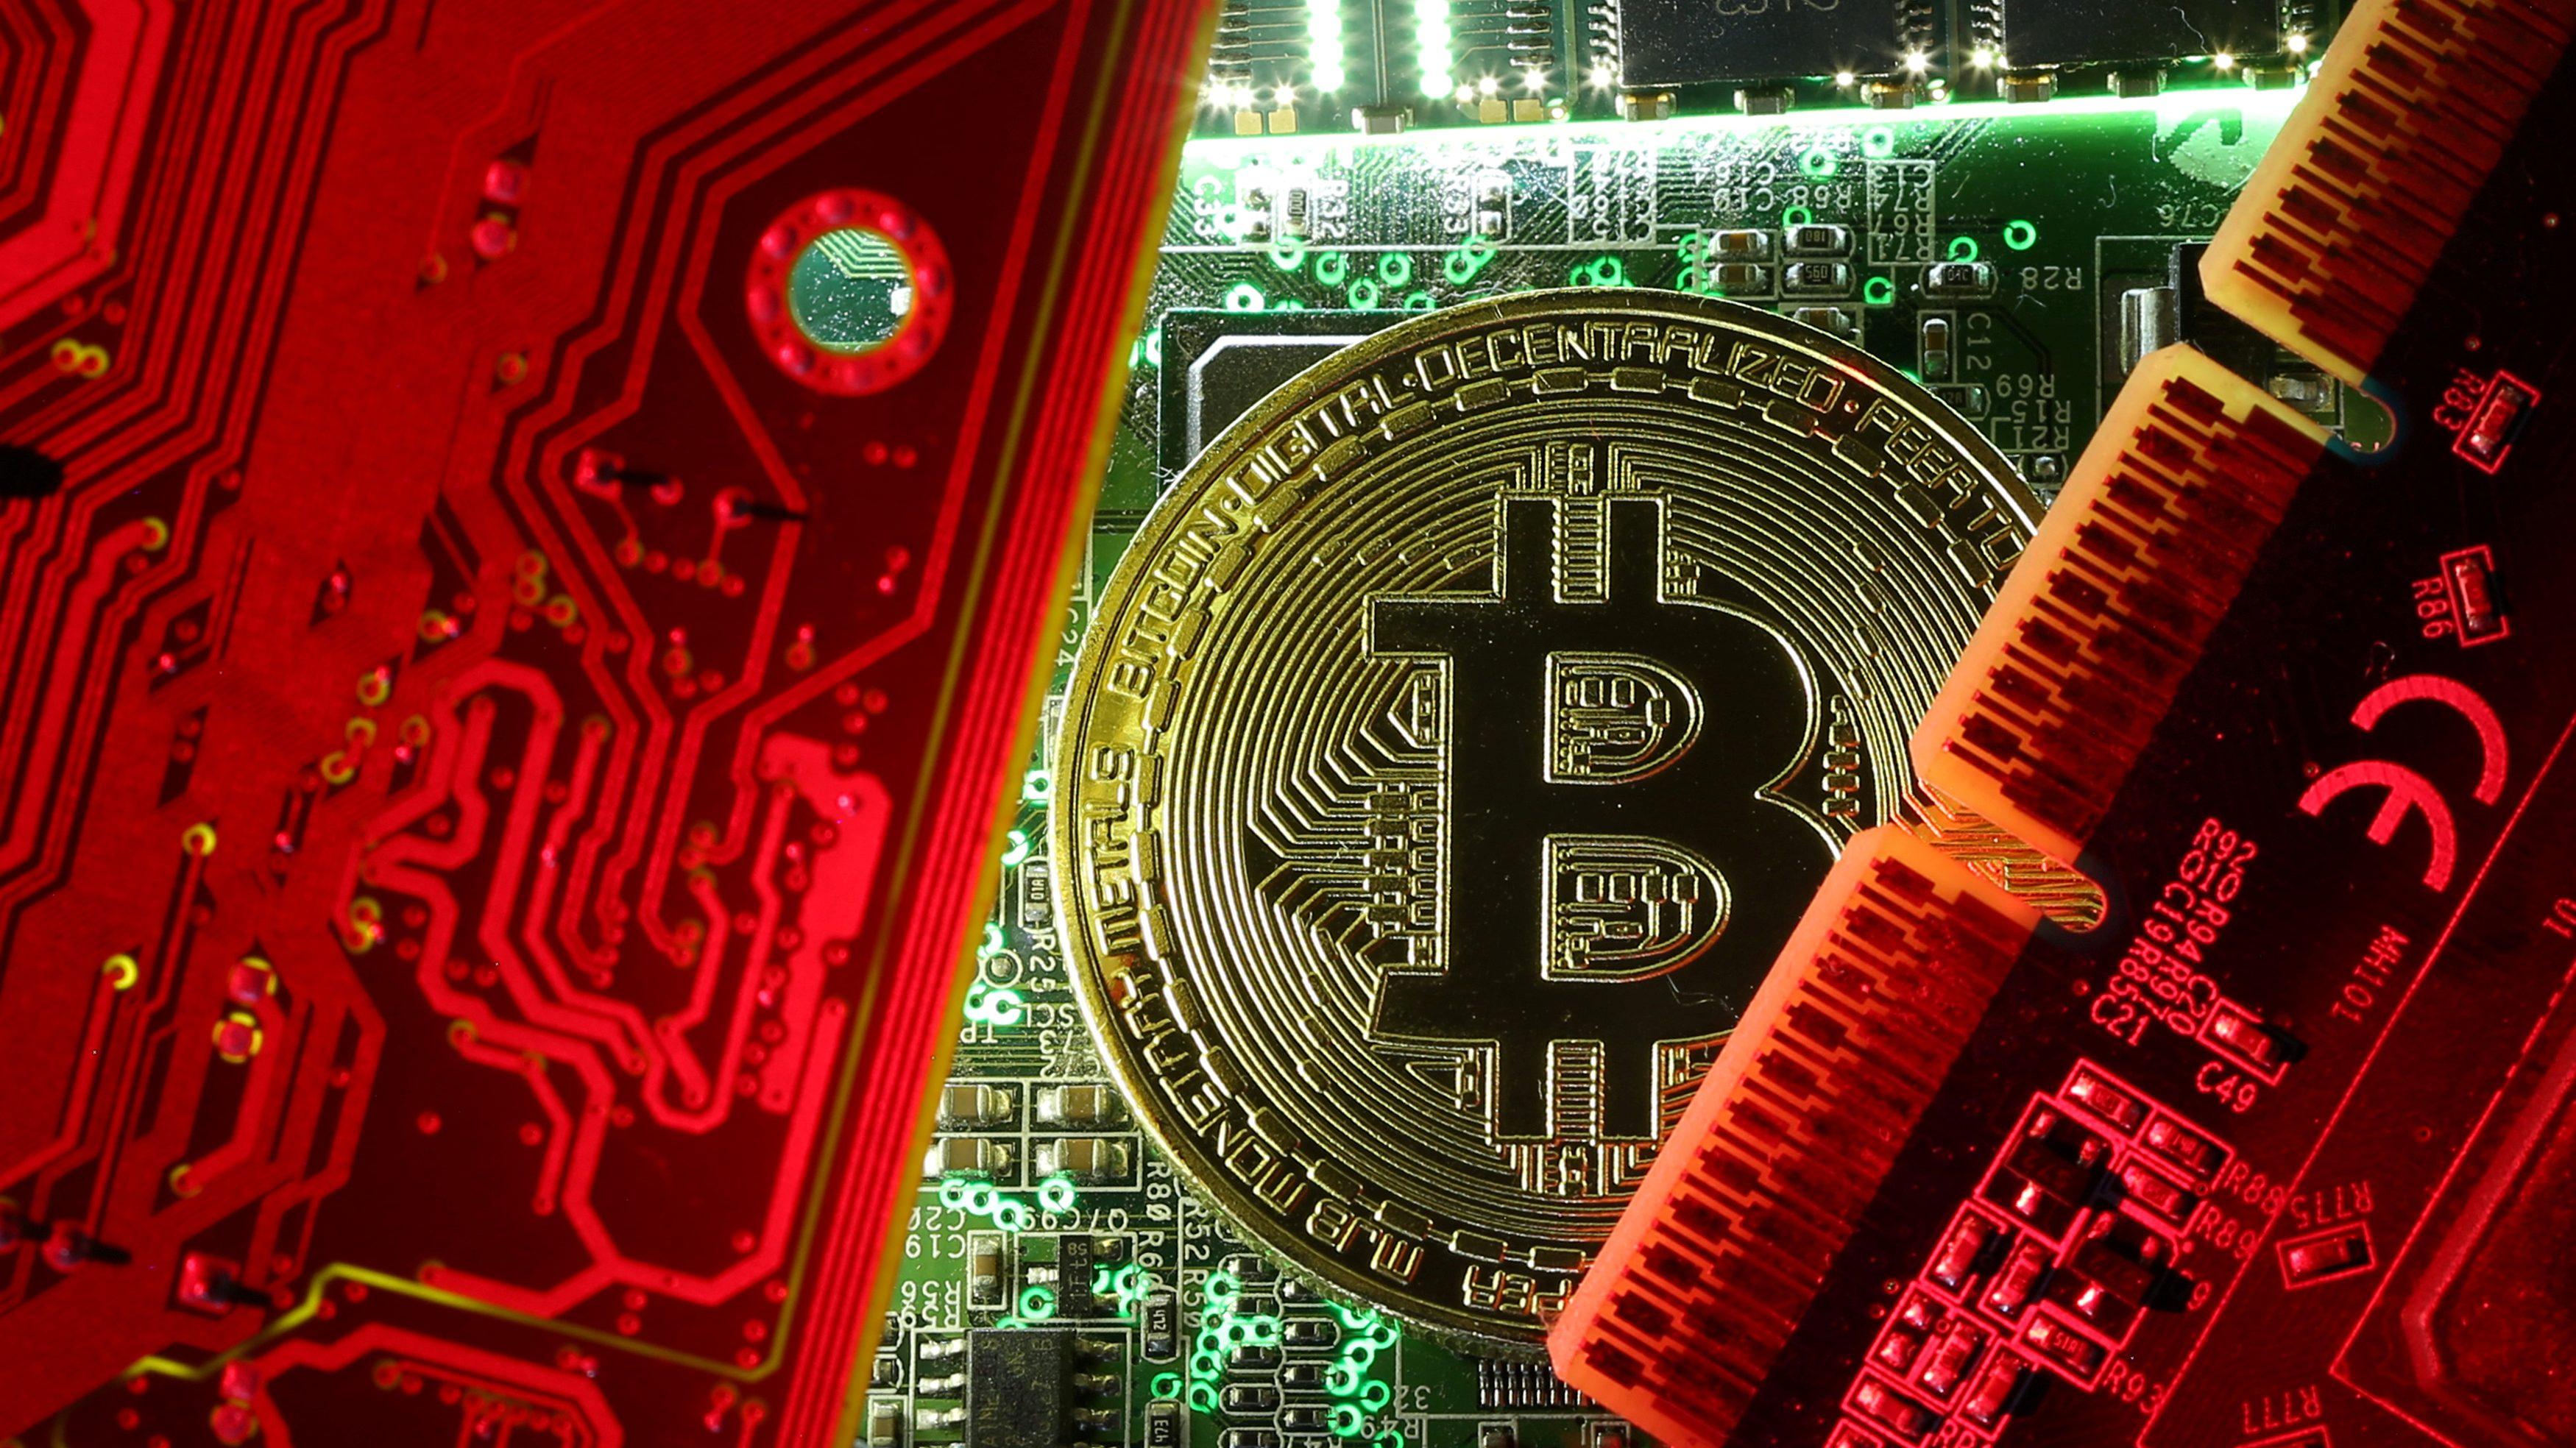 Tim Draper criticises India's Modi government for bitcoin stance